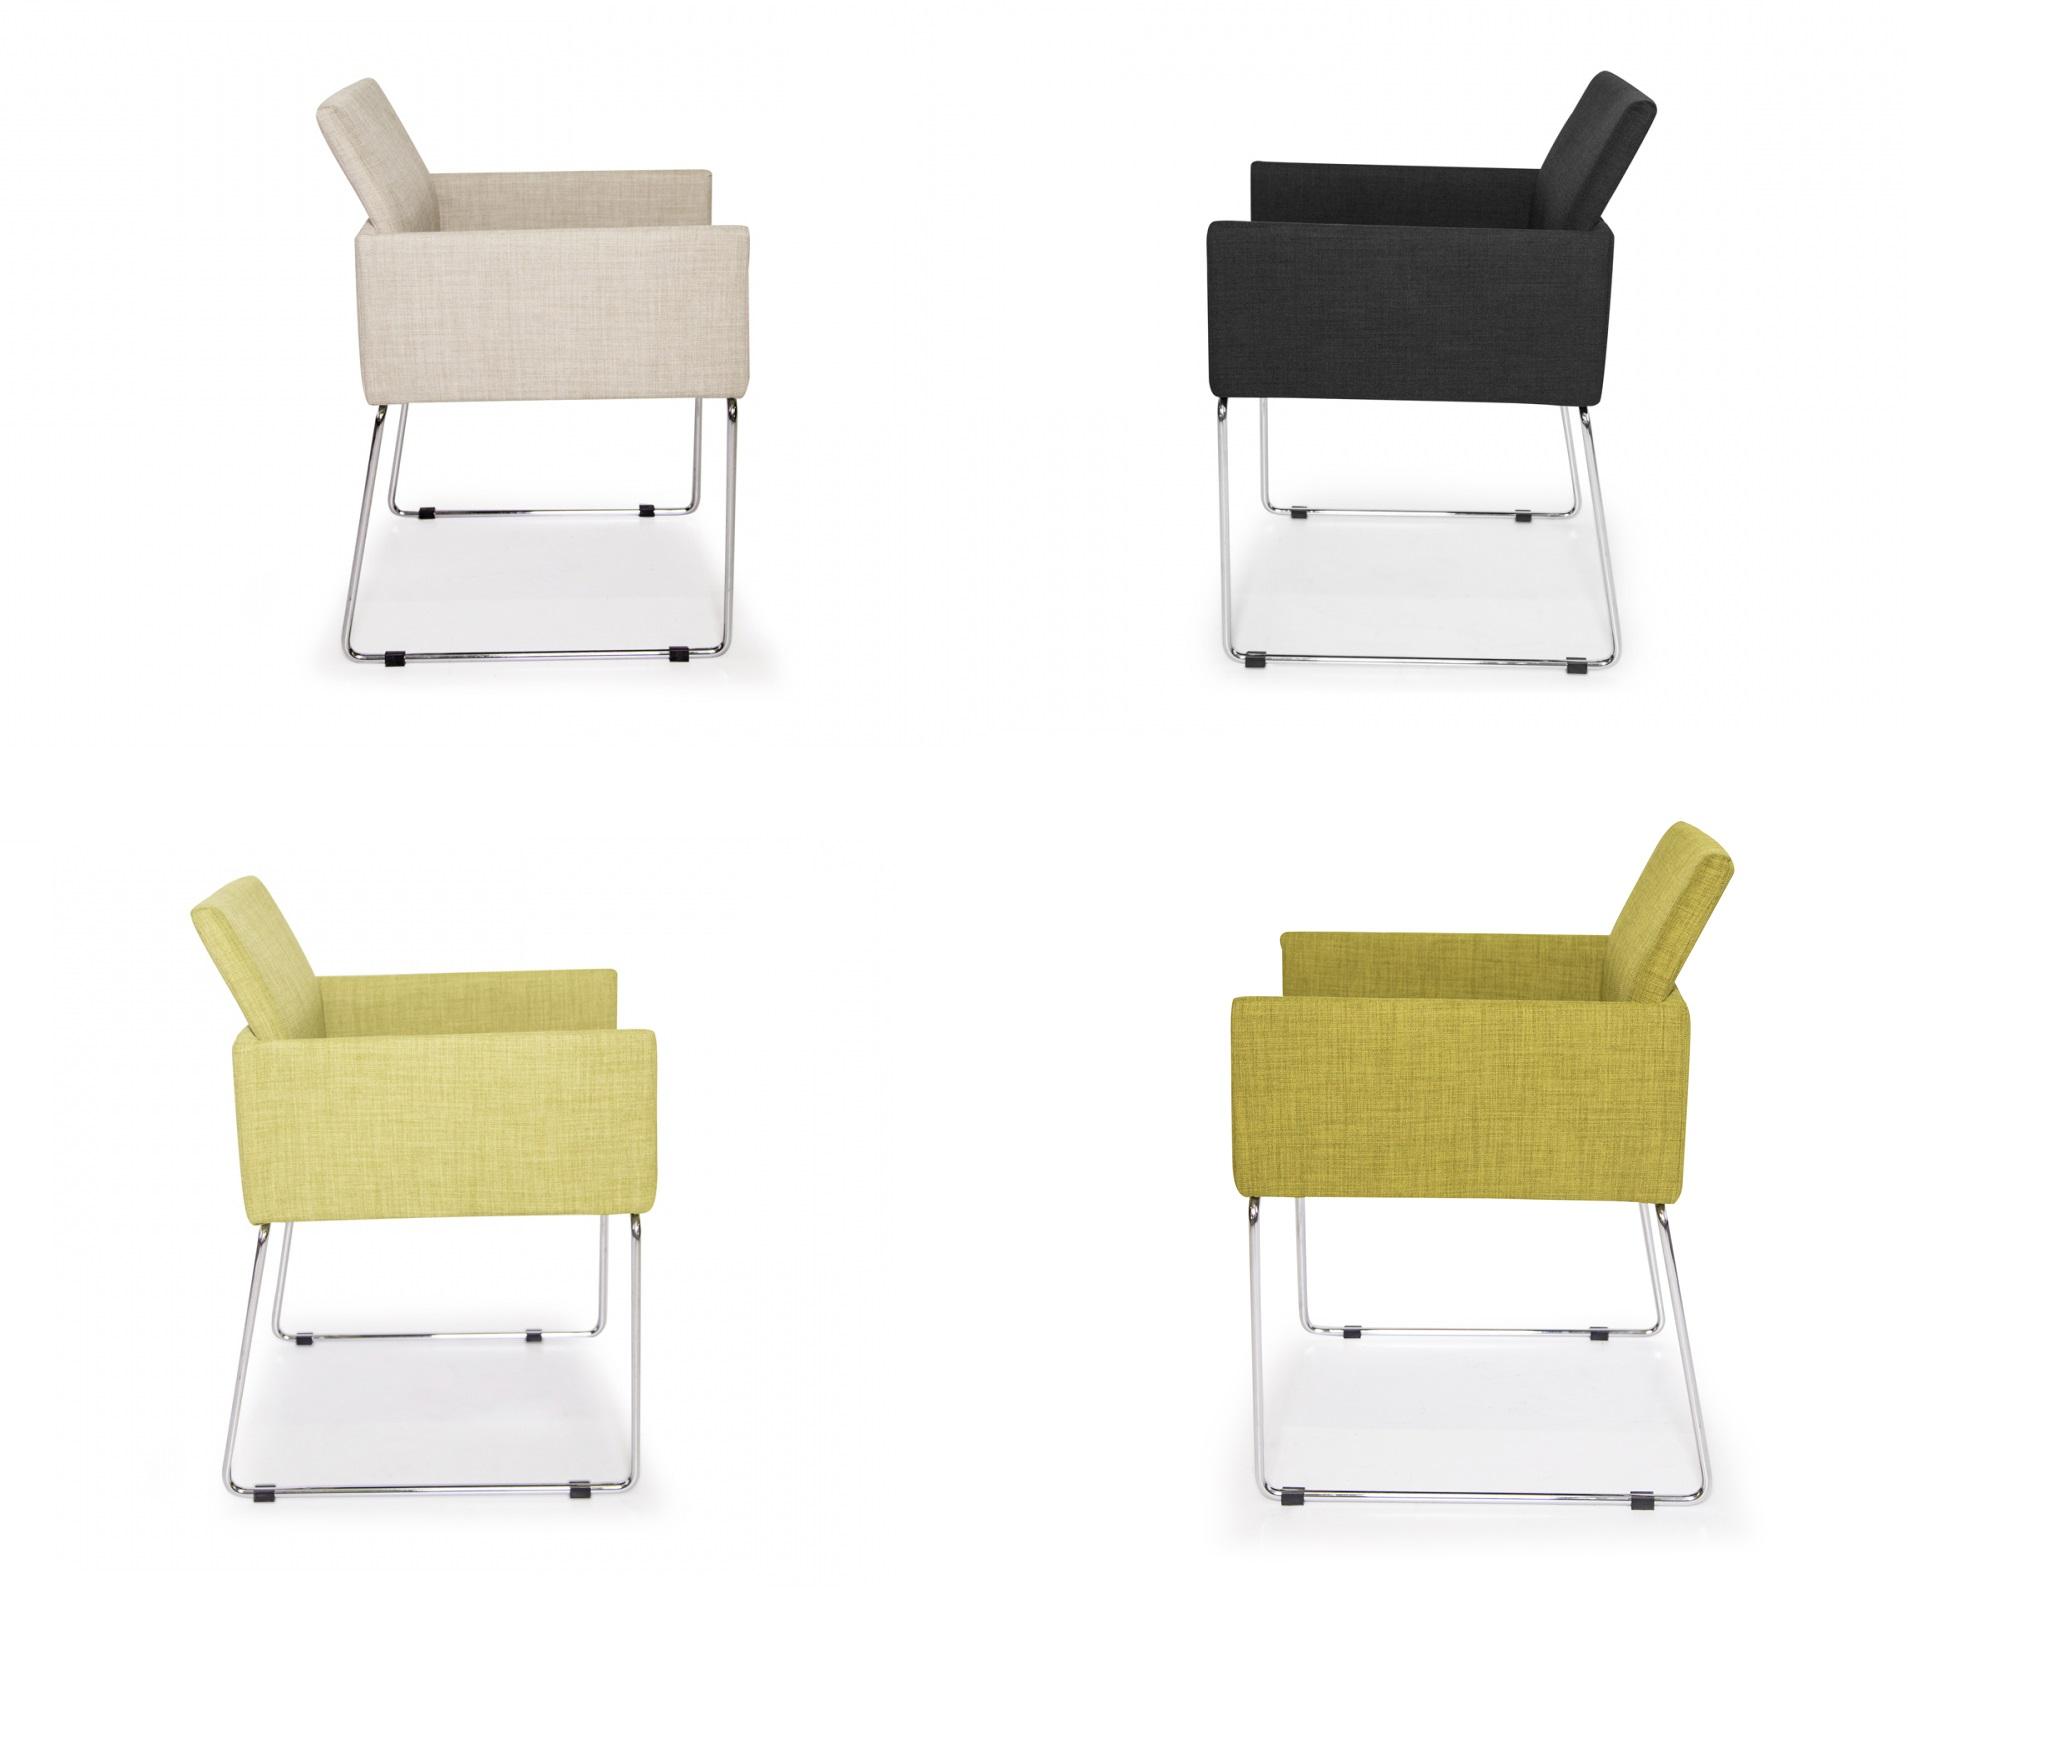 Tory esszimmer armlehnstuhl esstischstuhl wartezimmer for Designer esstischstuhl